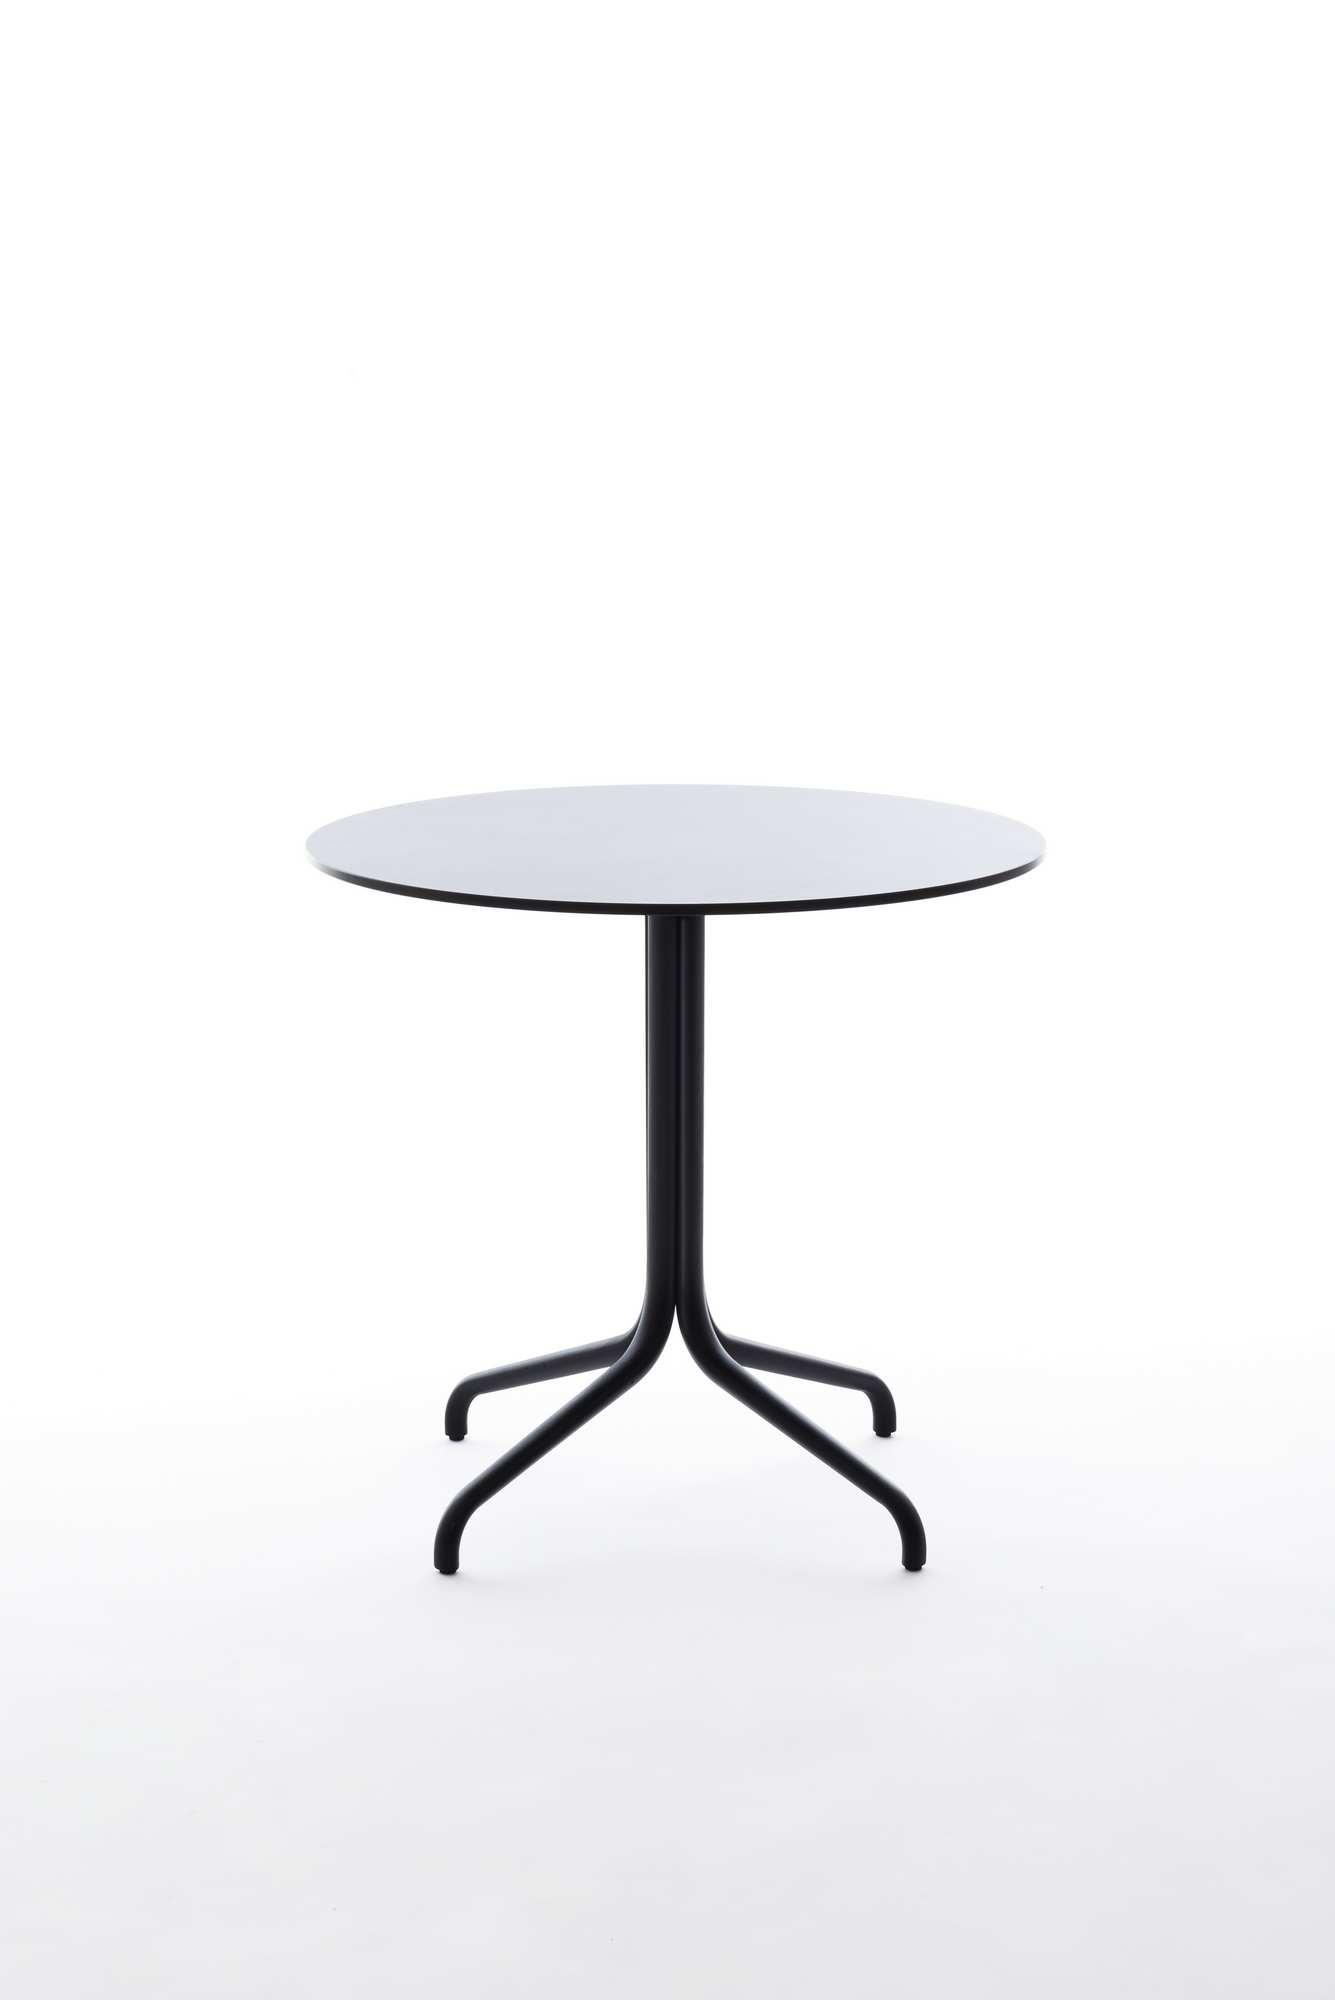 Belleville Tisch rund Outdoor / Indoor Vitra